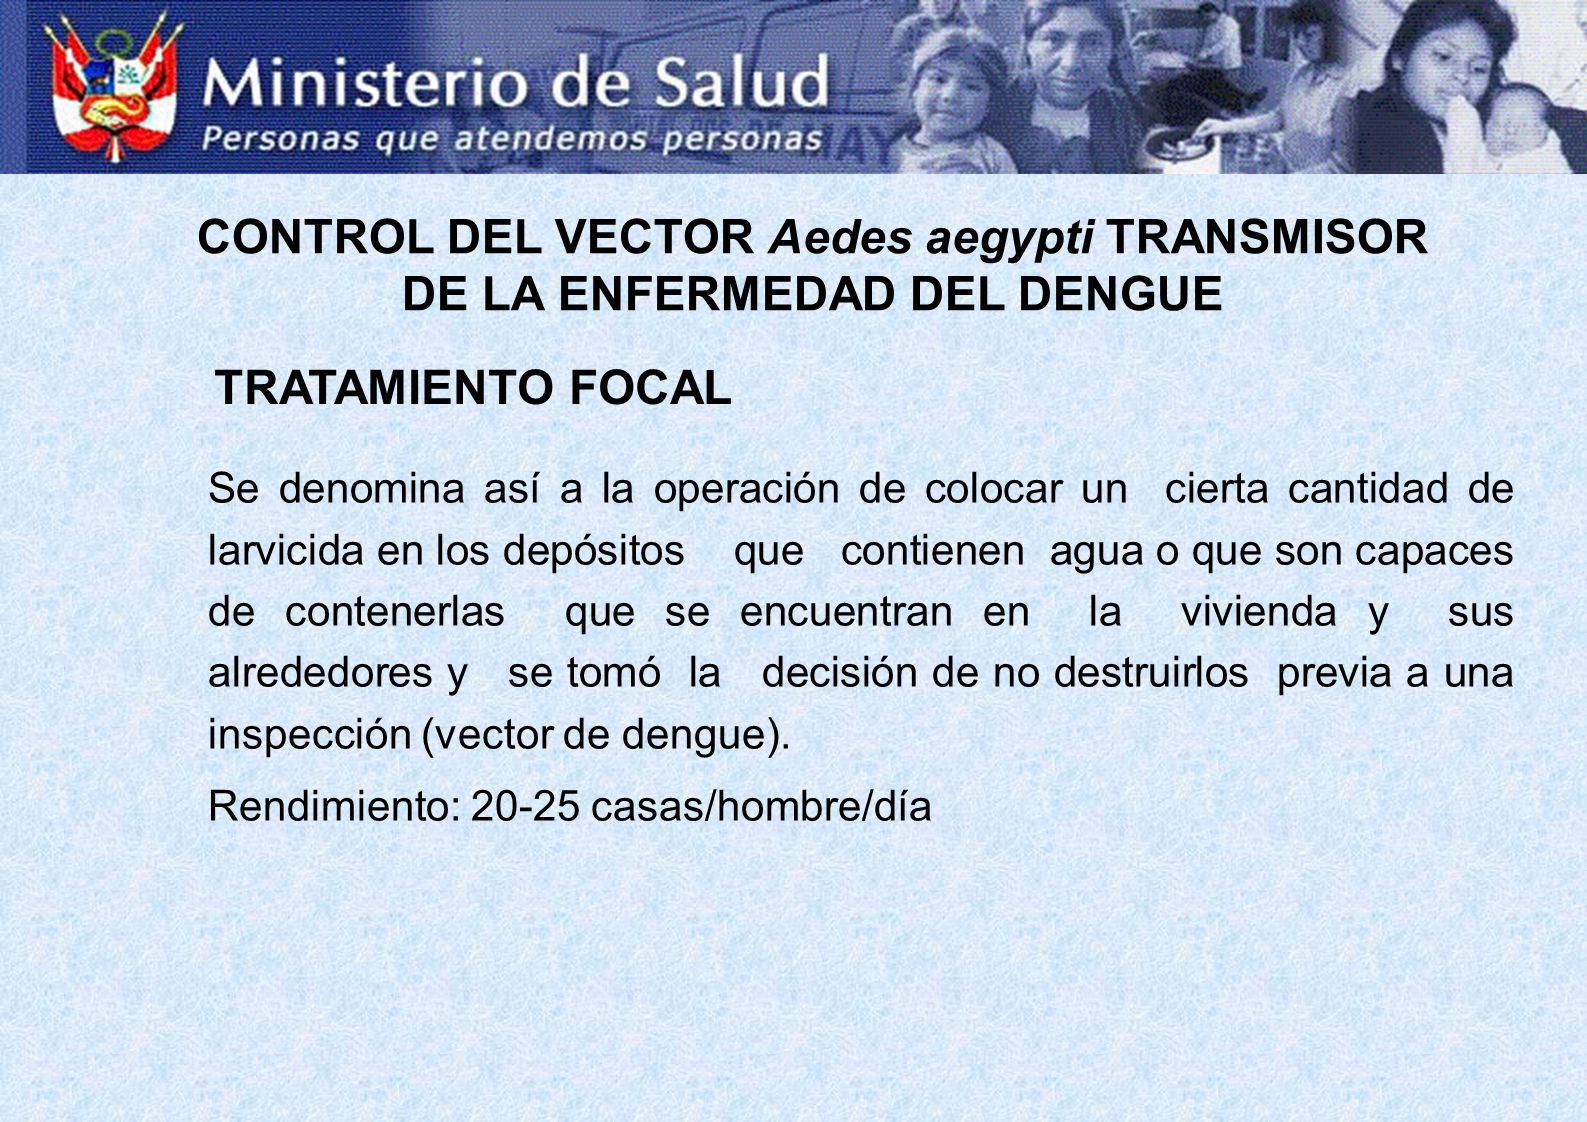 CONTROL DEL VECTOR Aedes aegypti TRANSMISOR DE LA ENFERMEDAD DEL DENGUE